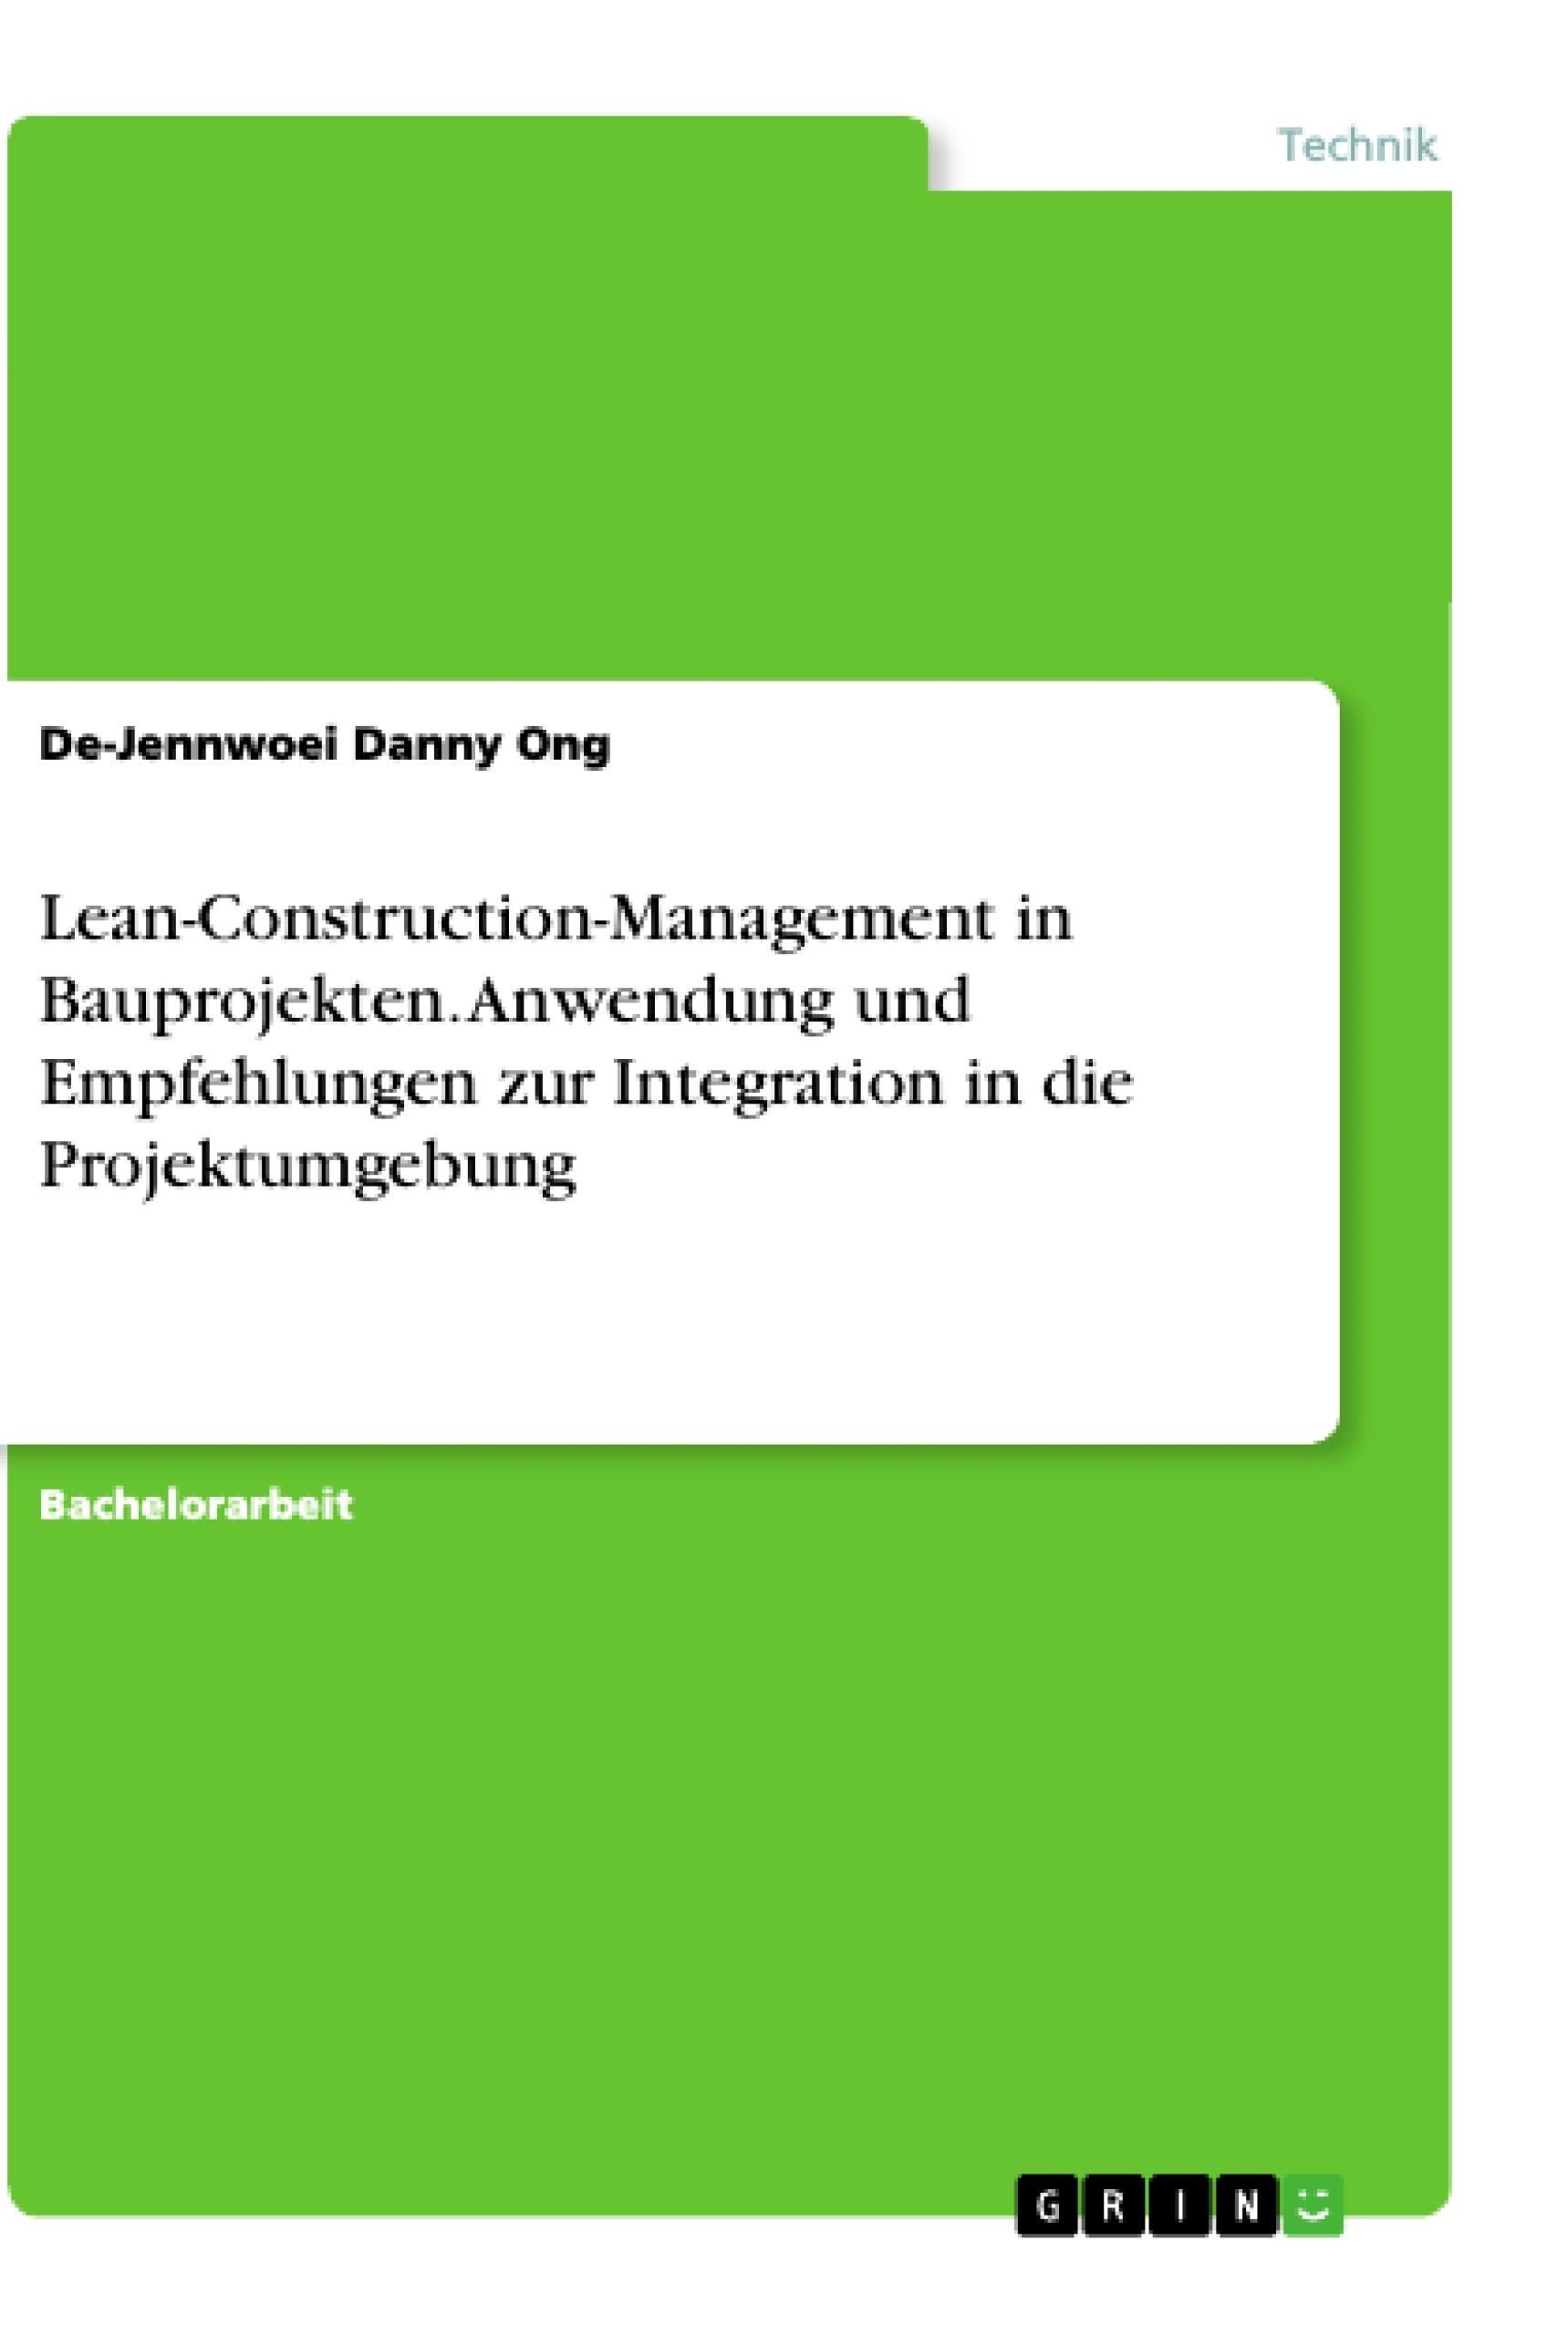 Titel: Lean-Construction-Management in Bauprojekten. Anwendung und Empfehlungen zur Integration in die Projektumgebung